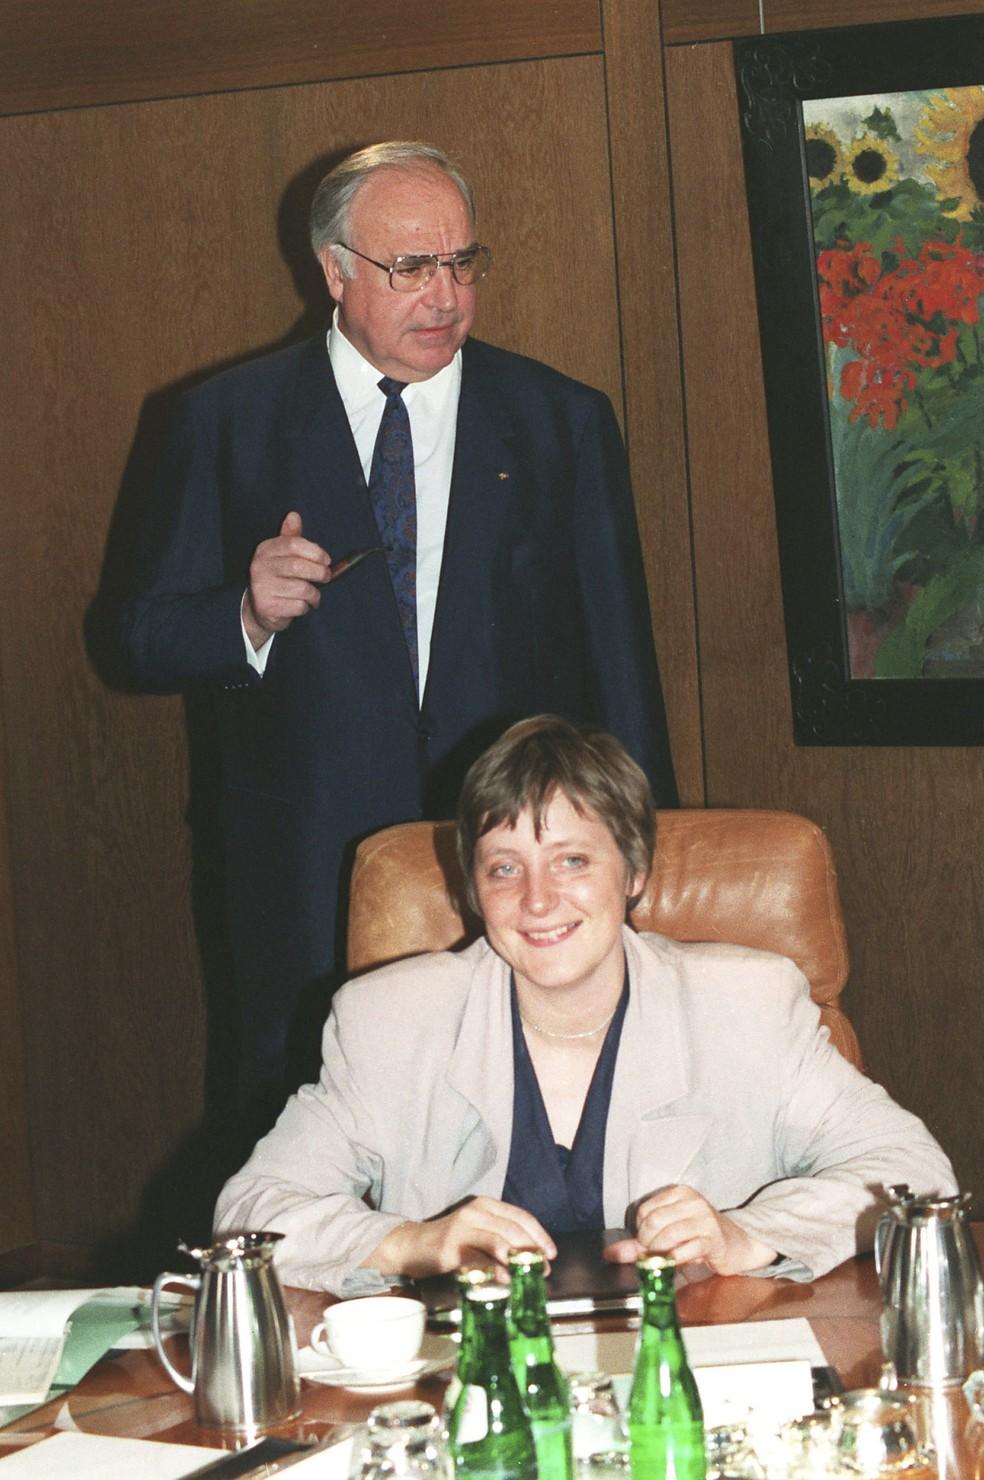 Na foto, de 30 de abril de 1991, o então chanceler alemão Helmut Kohl aparece atrás de Merkel, na época ministra da Mulher e da Juventude da Alemanha, antes de uma reunião de gabinete na Chancelaria em Bonn, na Alemanha. — Foto: Fritz Reiss/AP